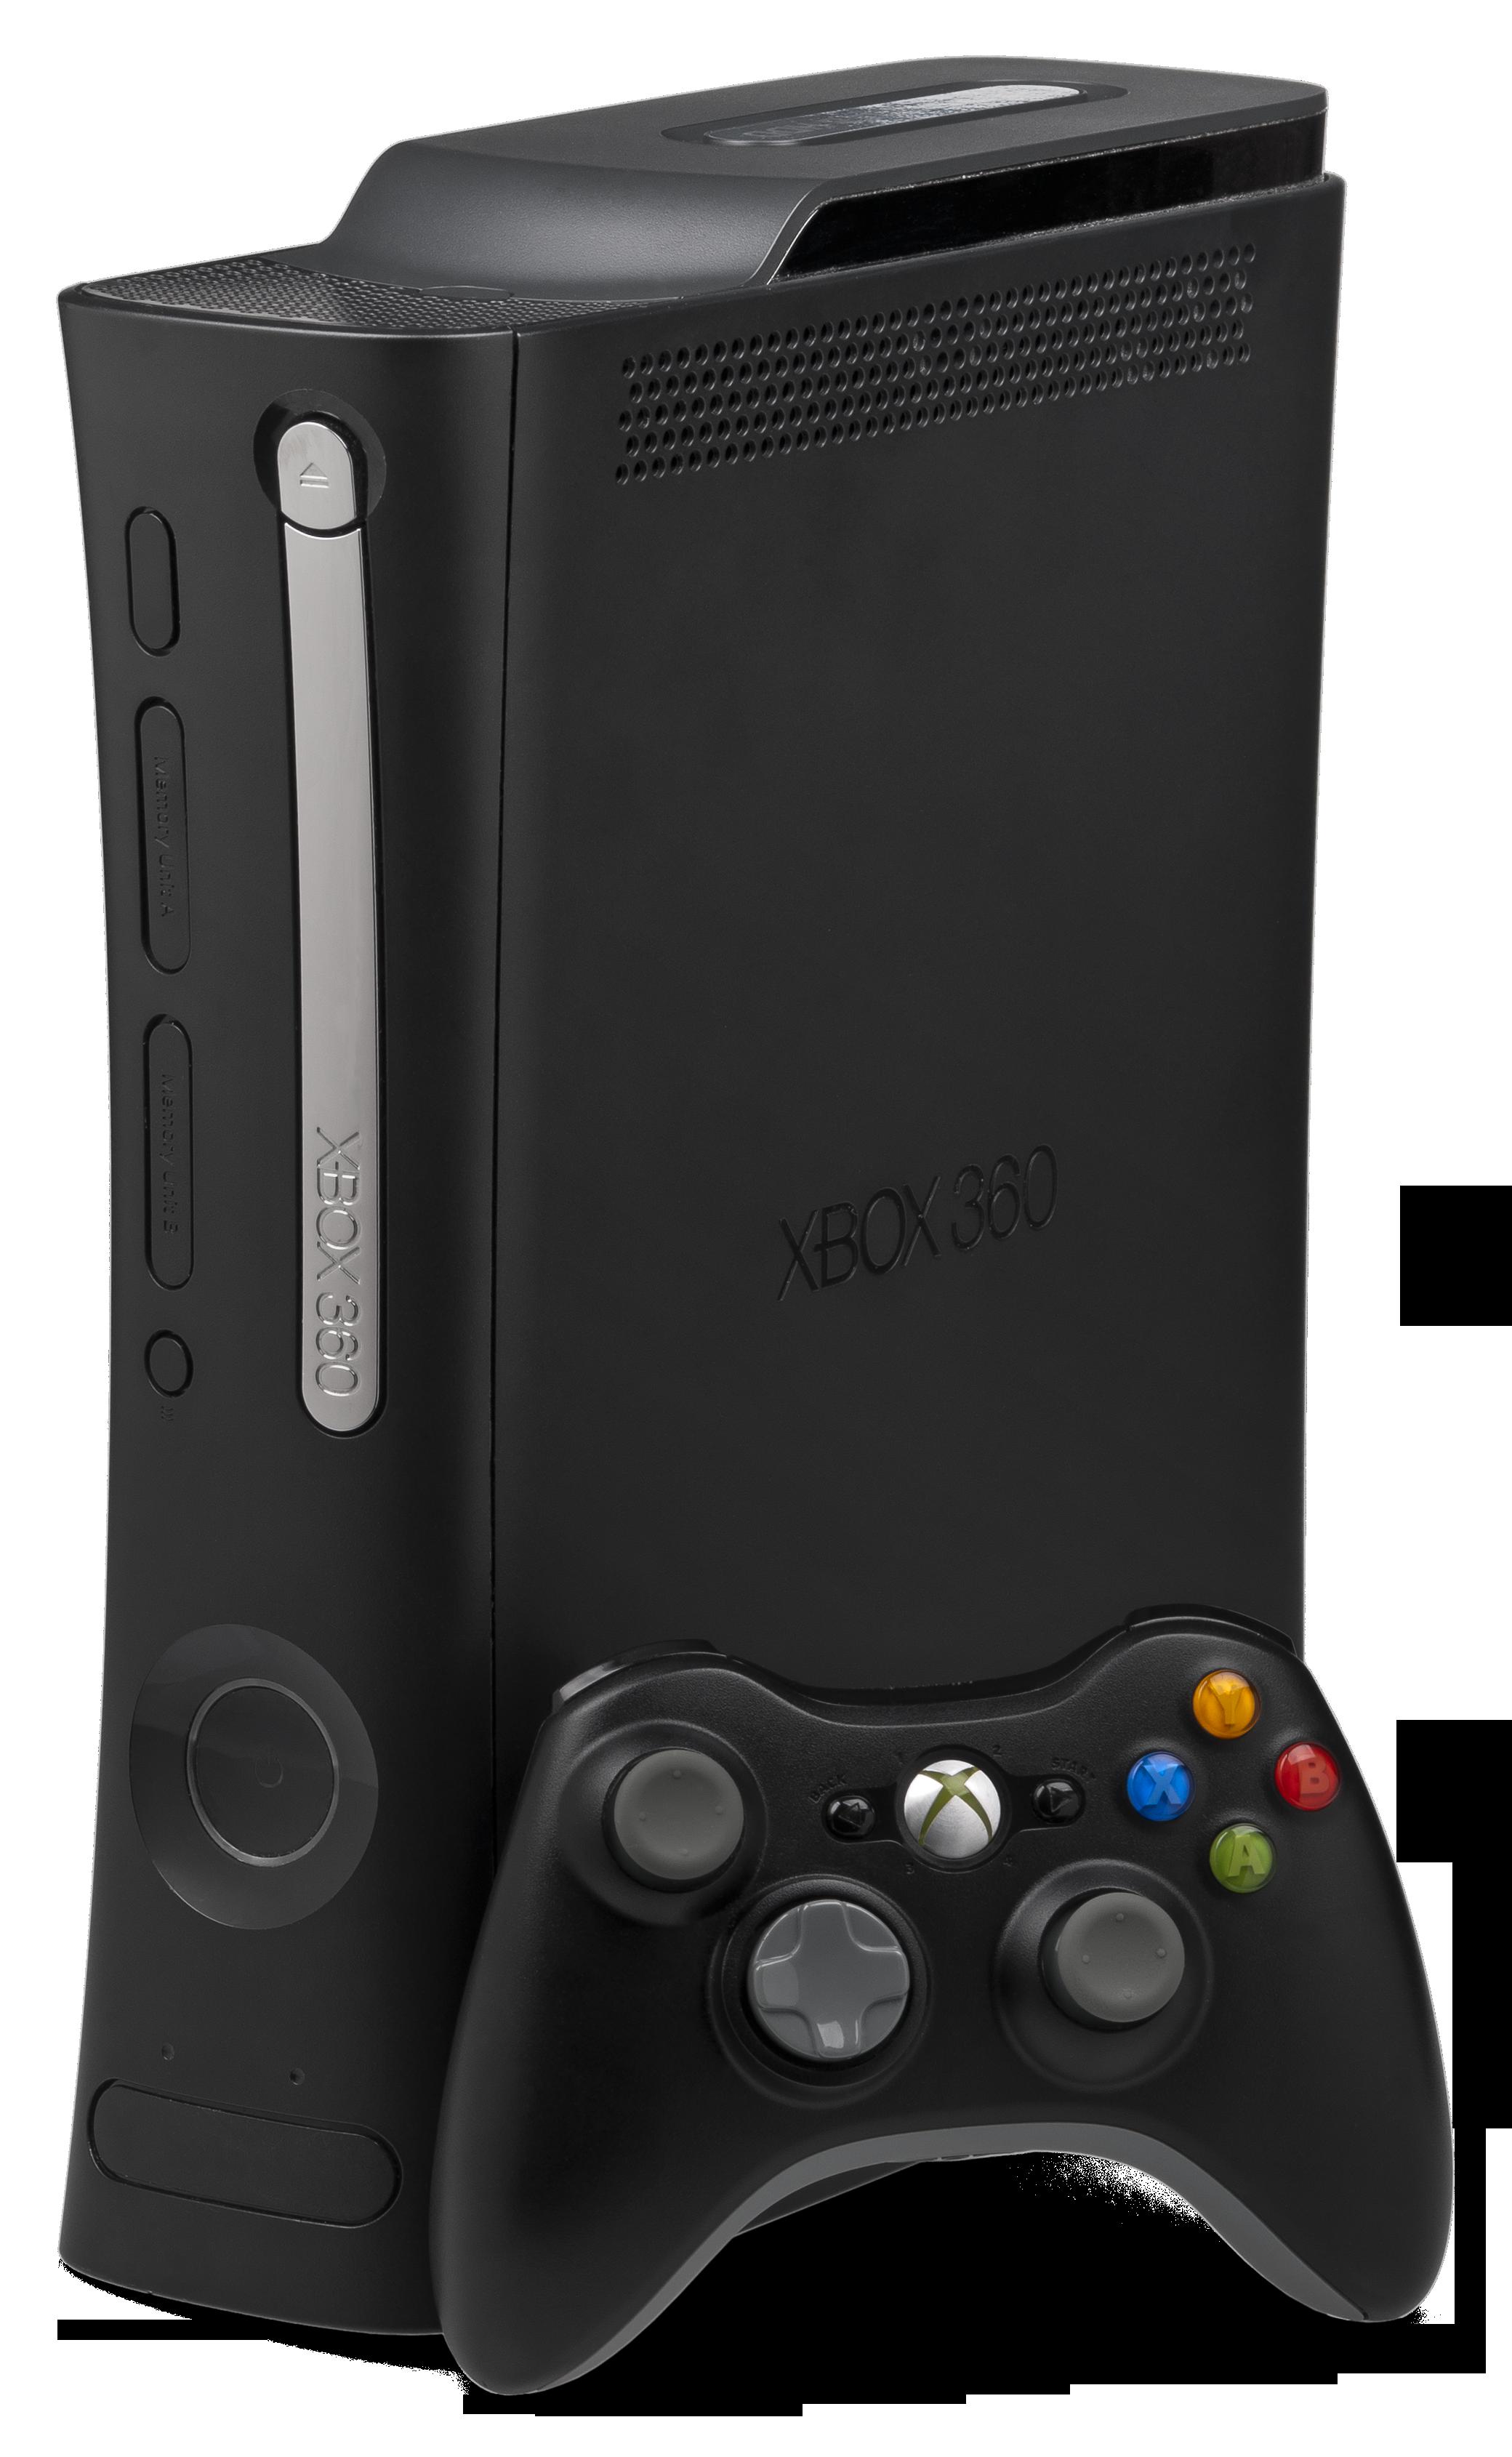 Xbox-360-Elite-Console-Set.png